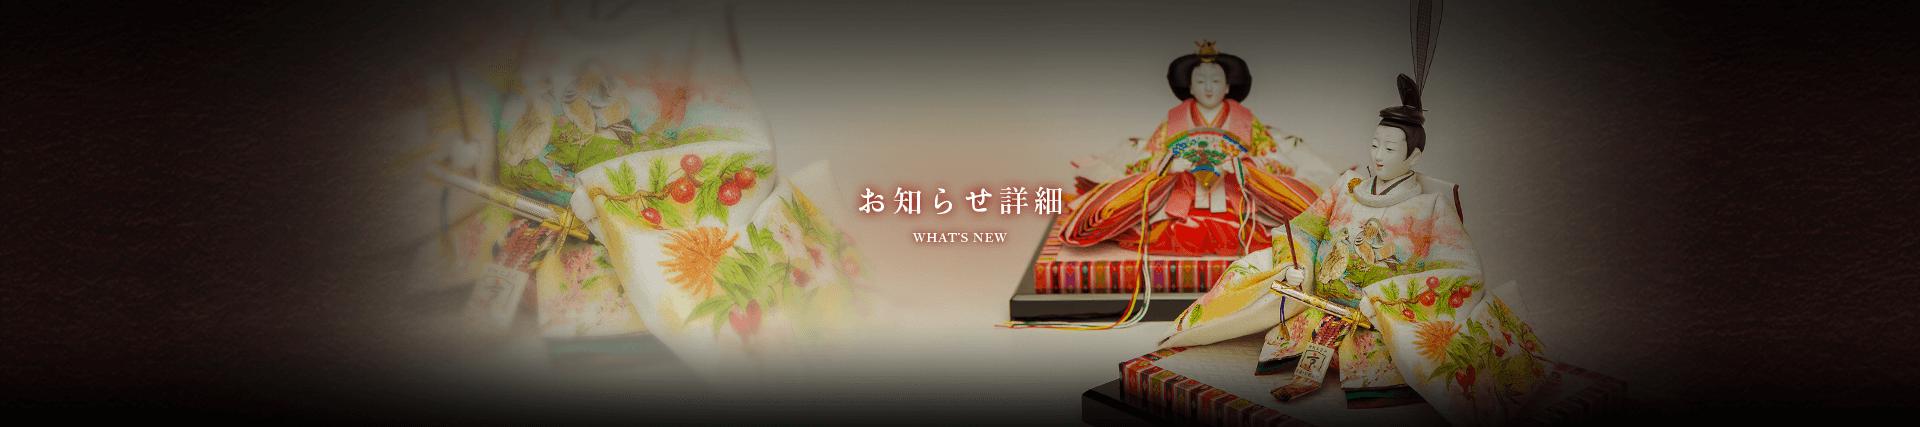 山形県天童市人形の柴崎のお知らせ詳細